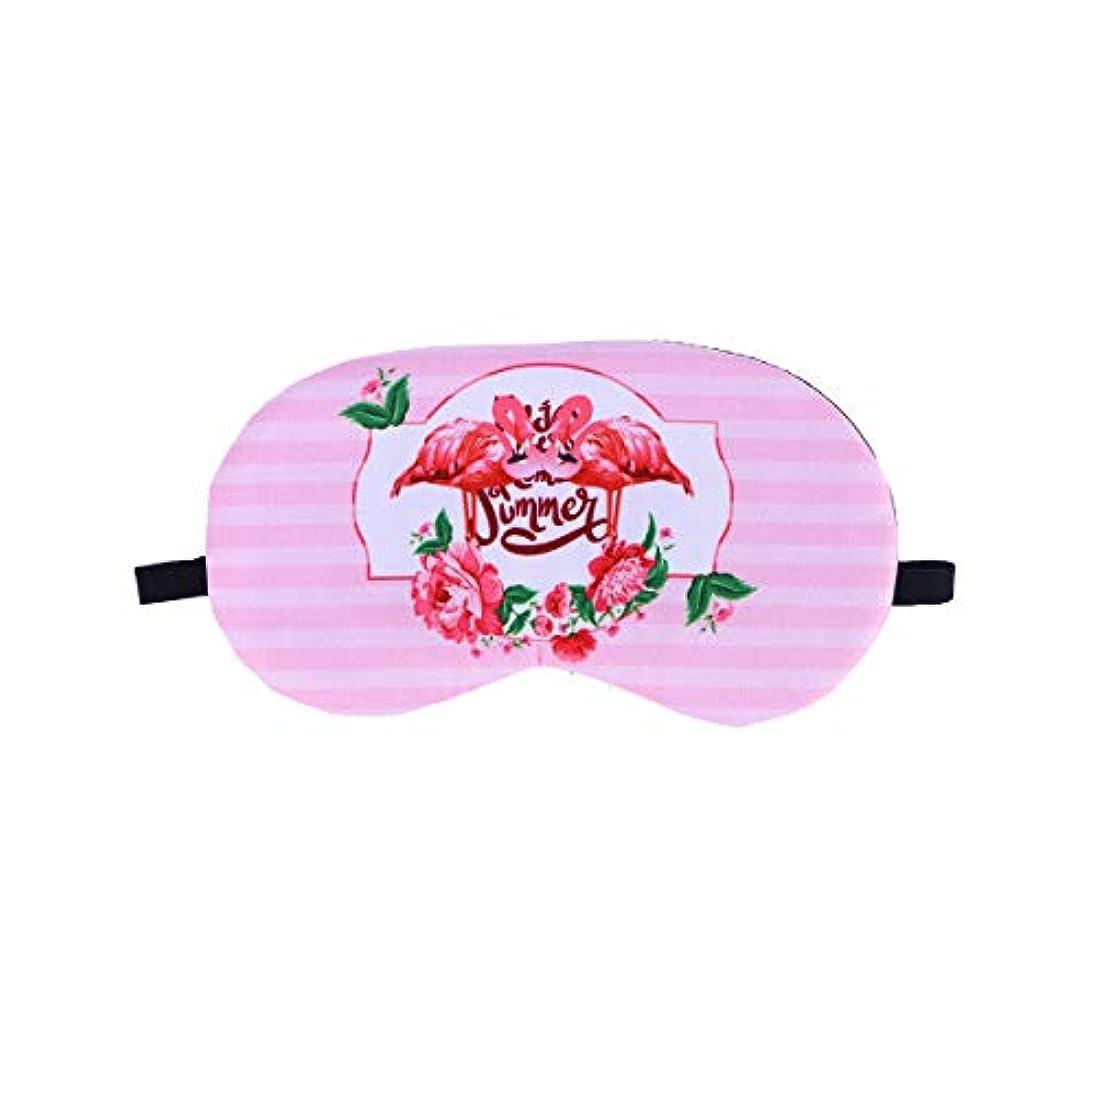 前部スチュワード抽出SUPVOX フラミンゴアイマスク動物睡眠トラベリング目隠しアイカバー(ピンク)